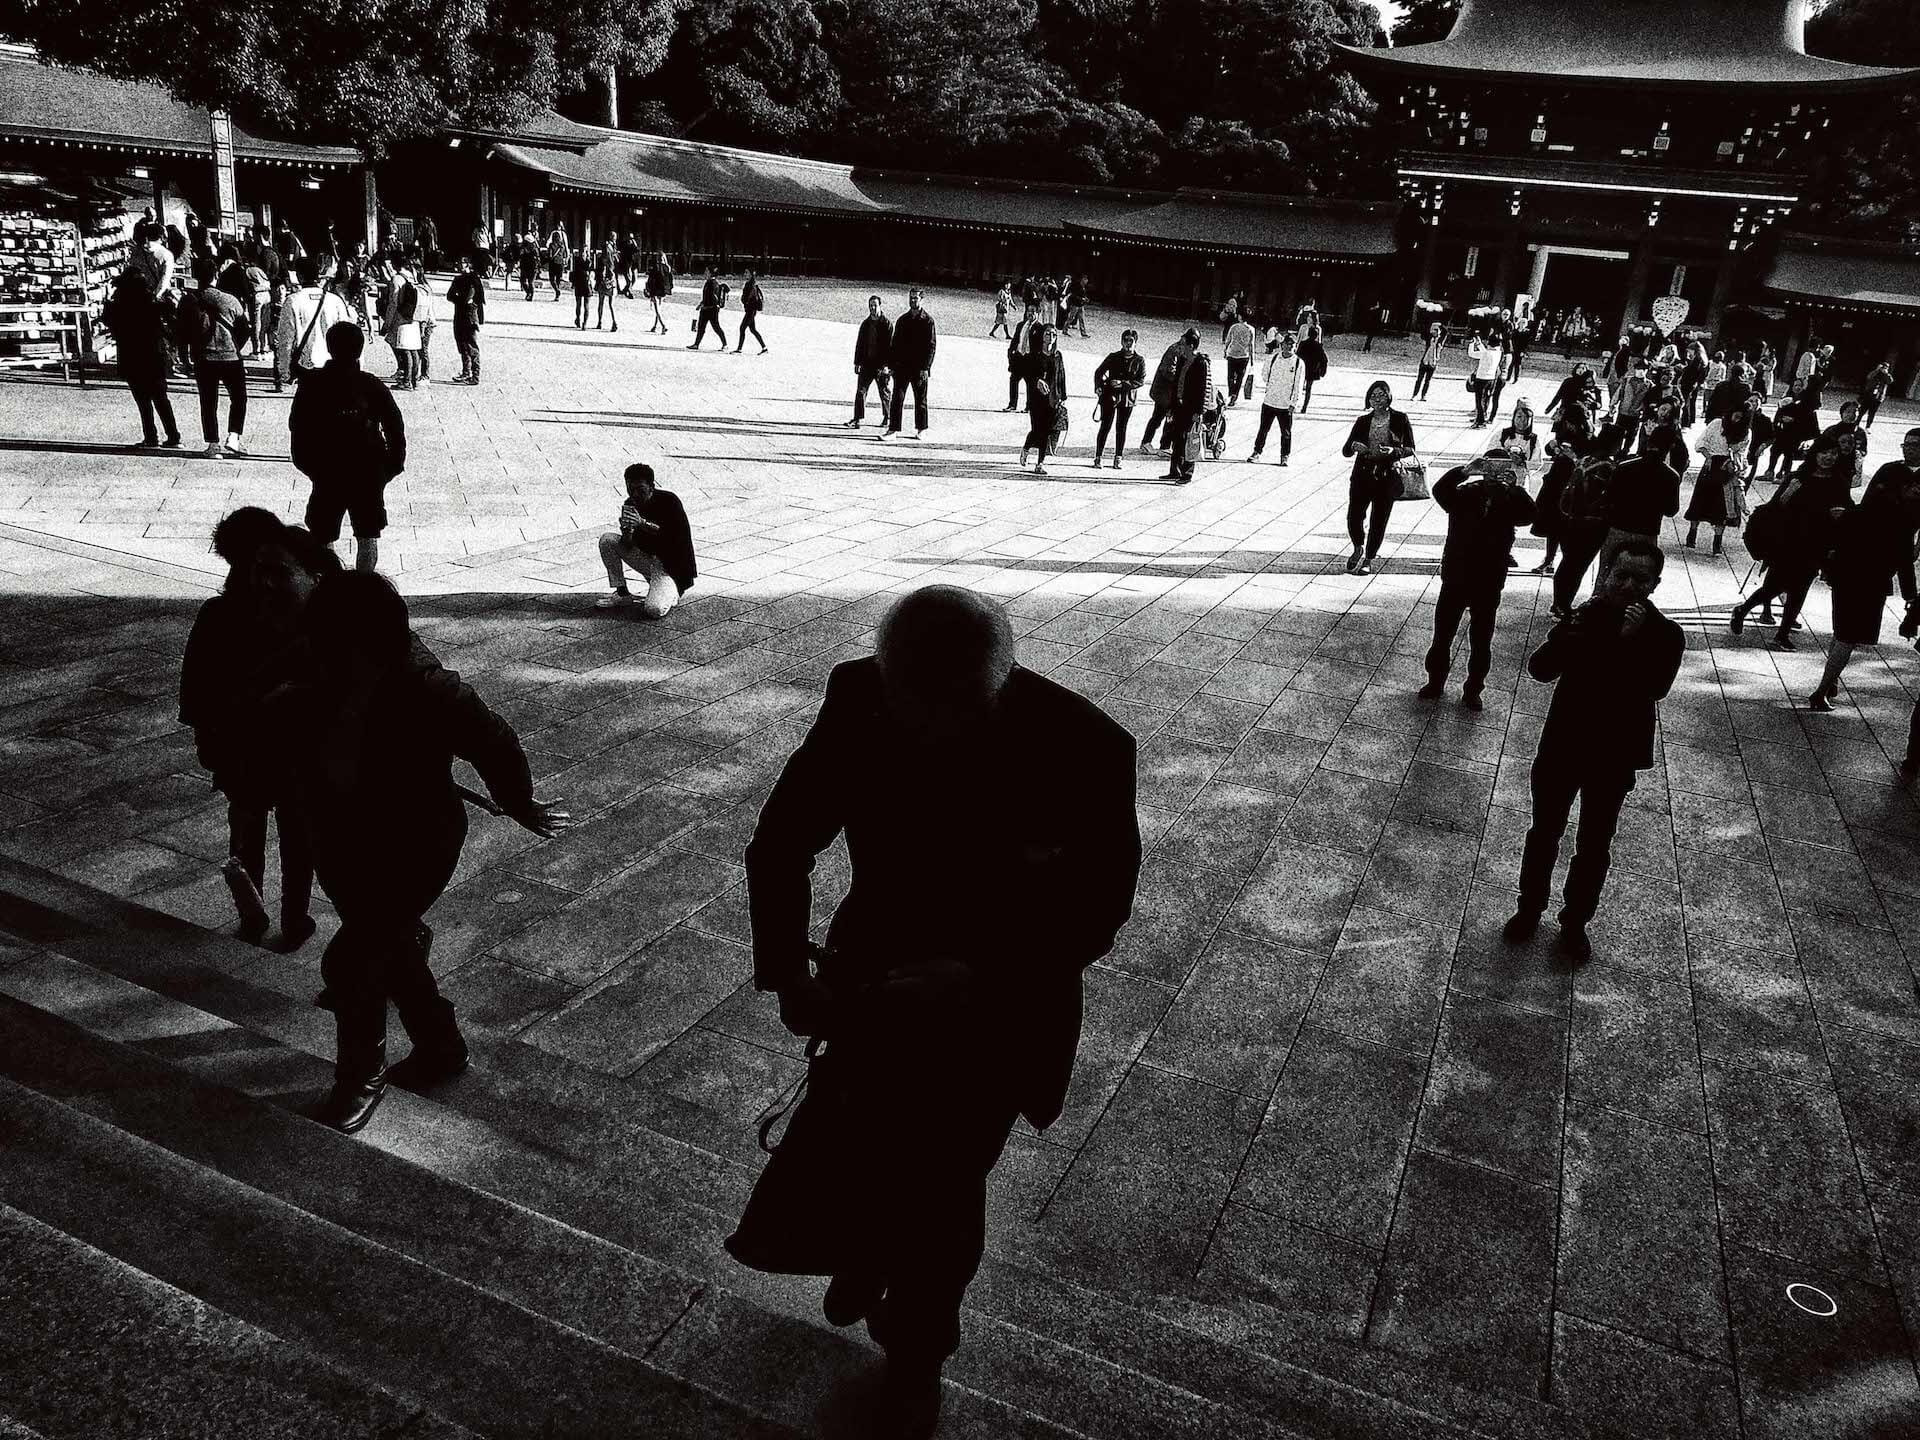 東京の路地裏を捉えた森山大道の写真集『Tokyo』が発売|撮影現場に同行したインタビュー動画公開&パネル展も開催 ac200714_daido_moriyama_06